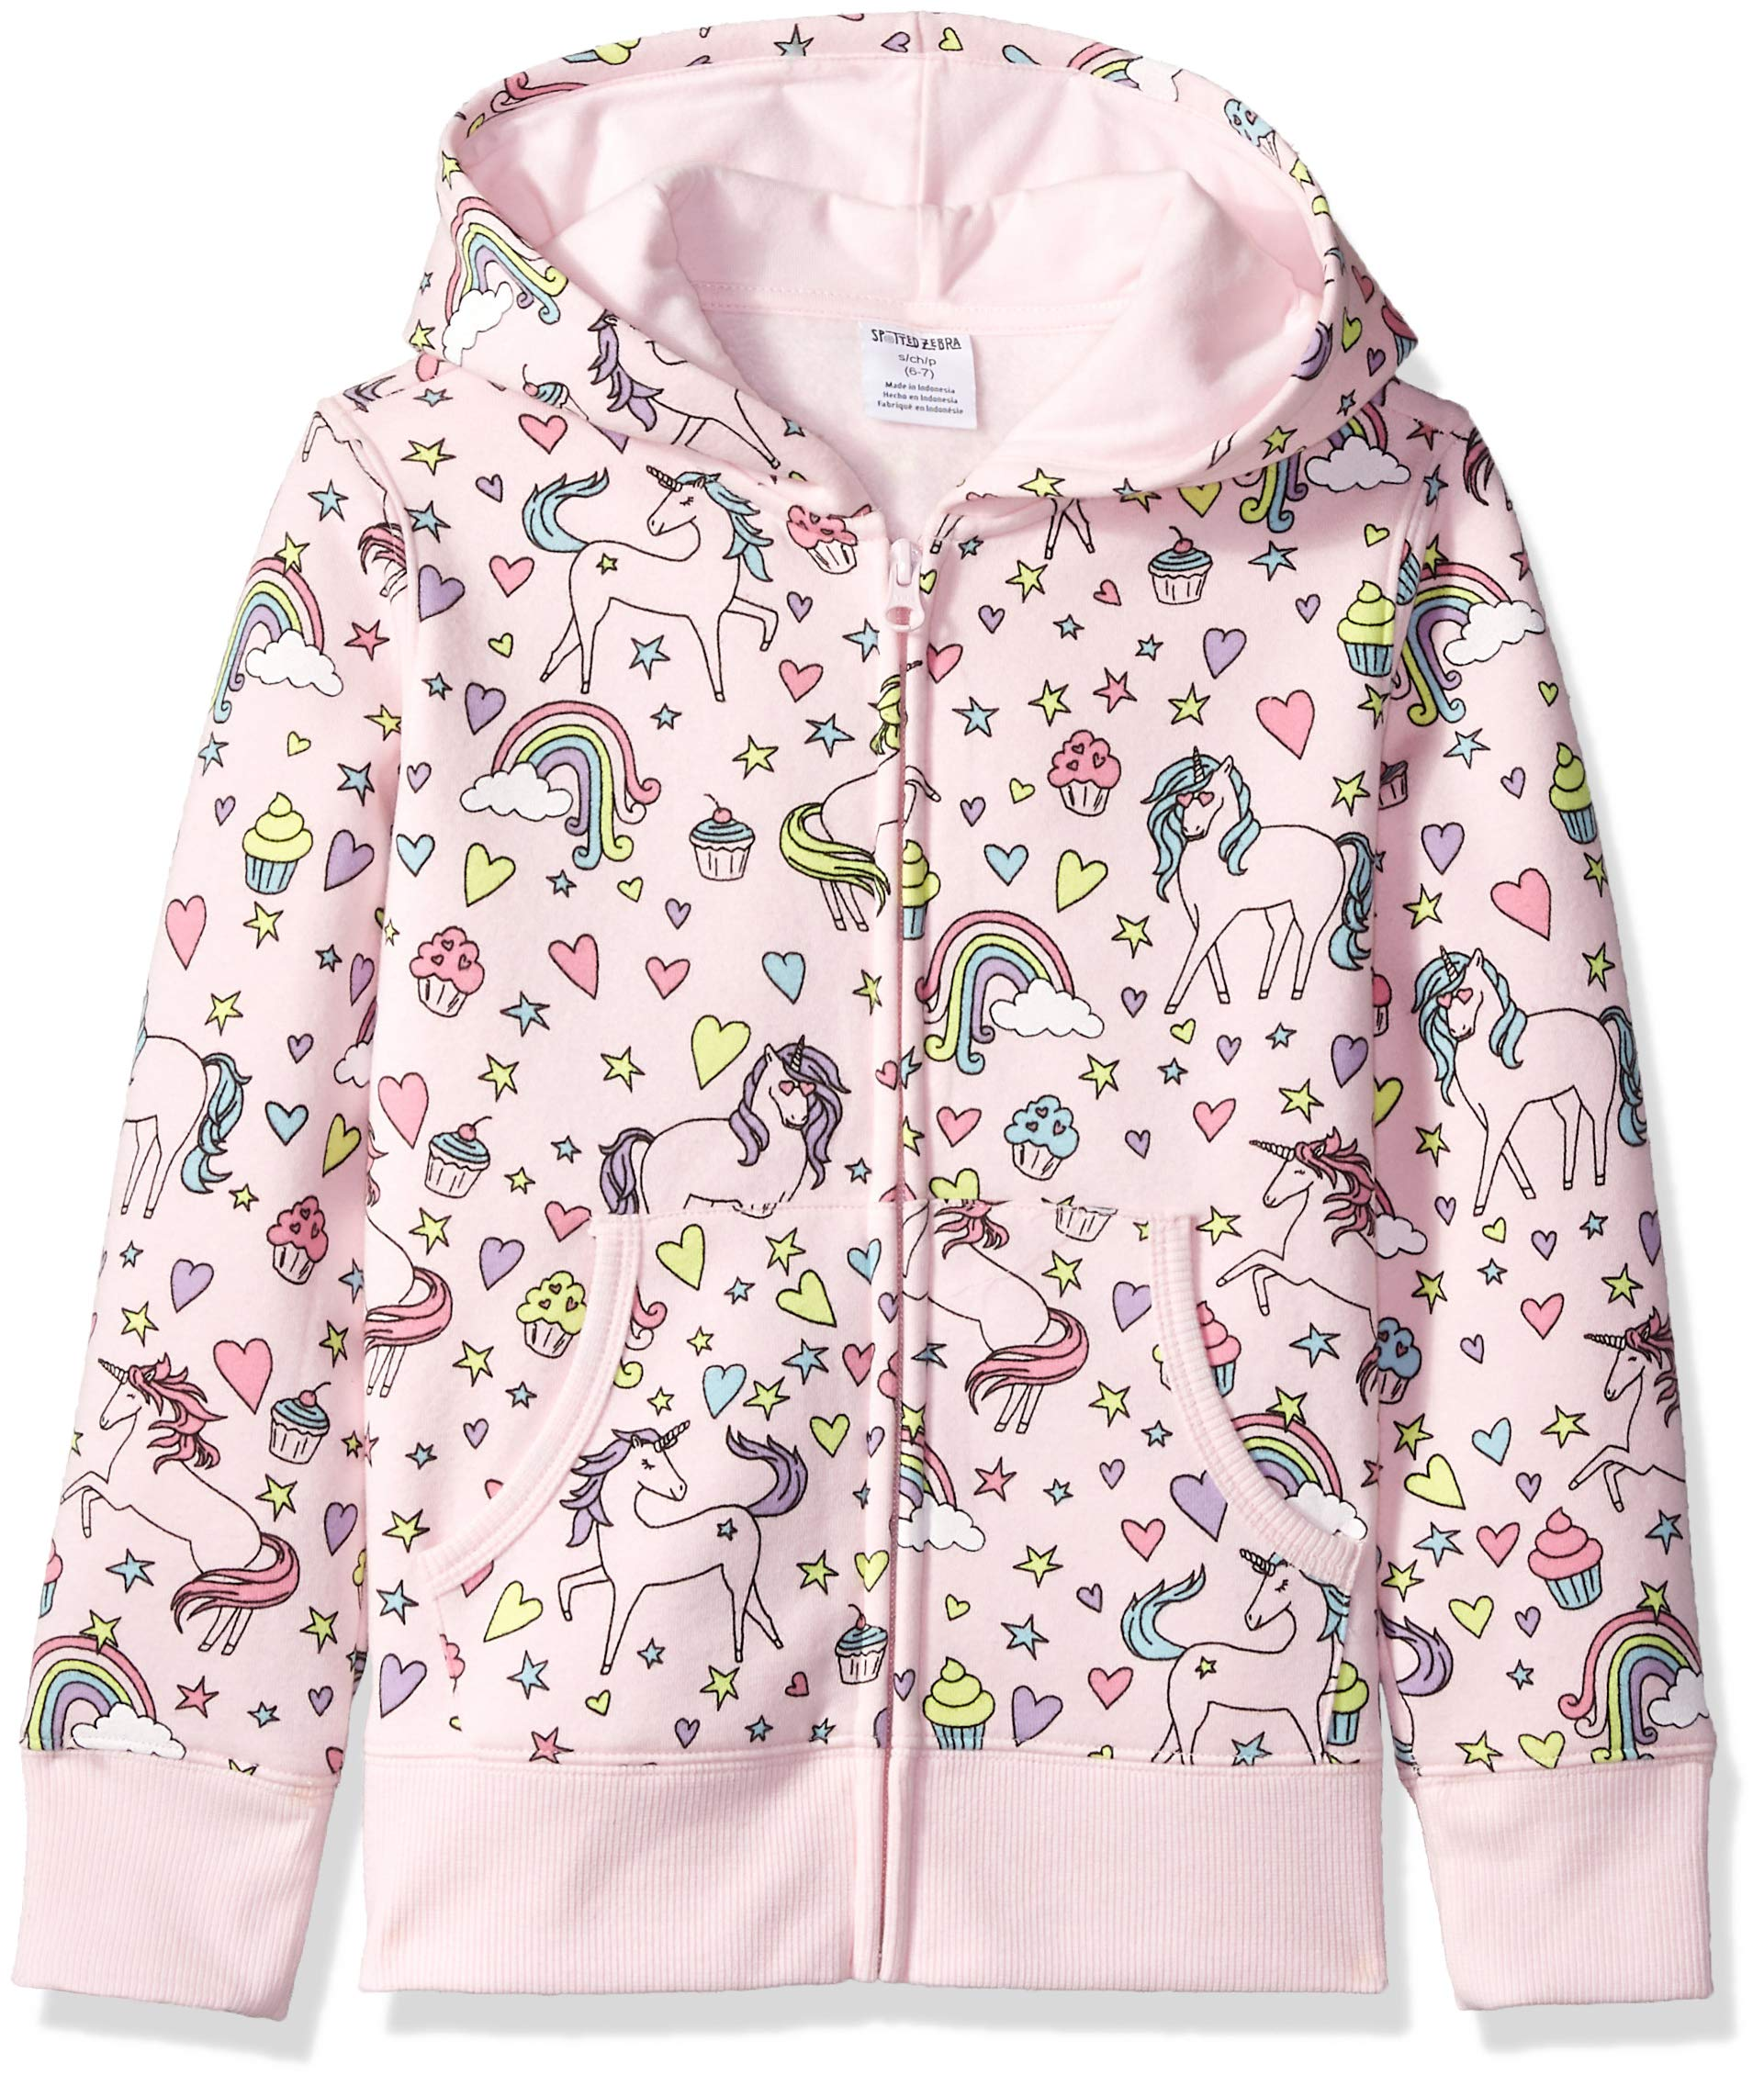 Amazon Brand - Spotted Zebra Little Kid Fleece Zip-Up Hoodies, Unicorn, X-Small (4-5)